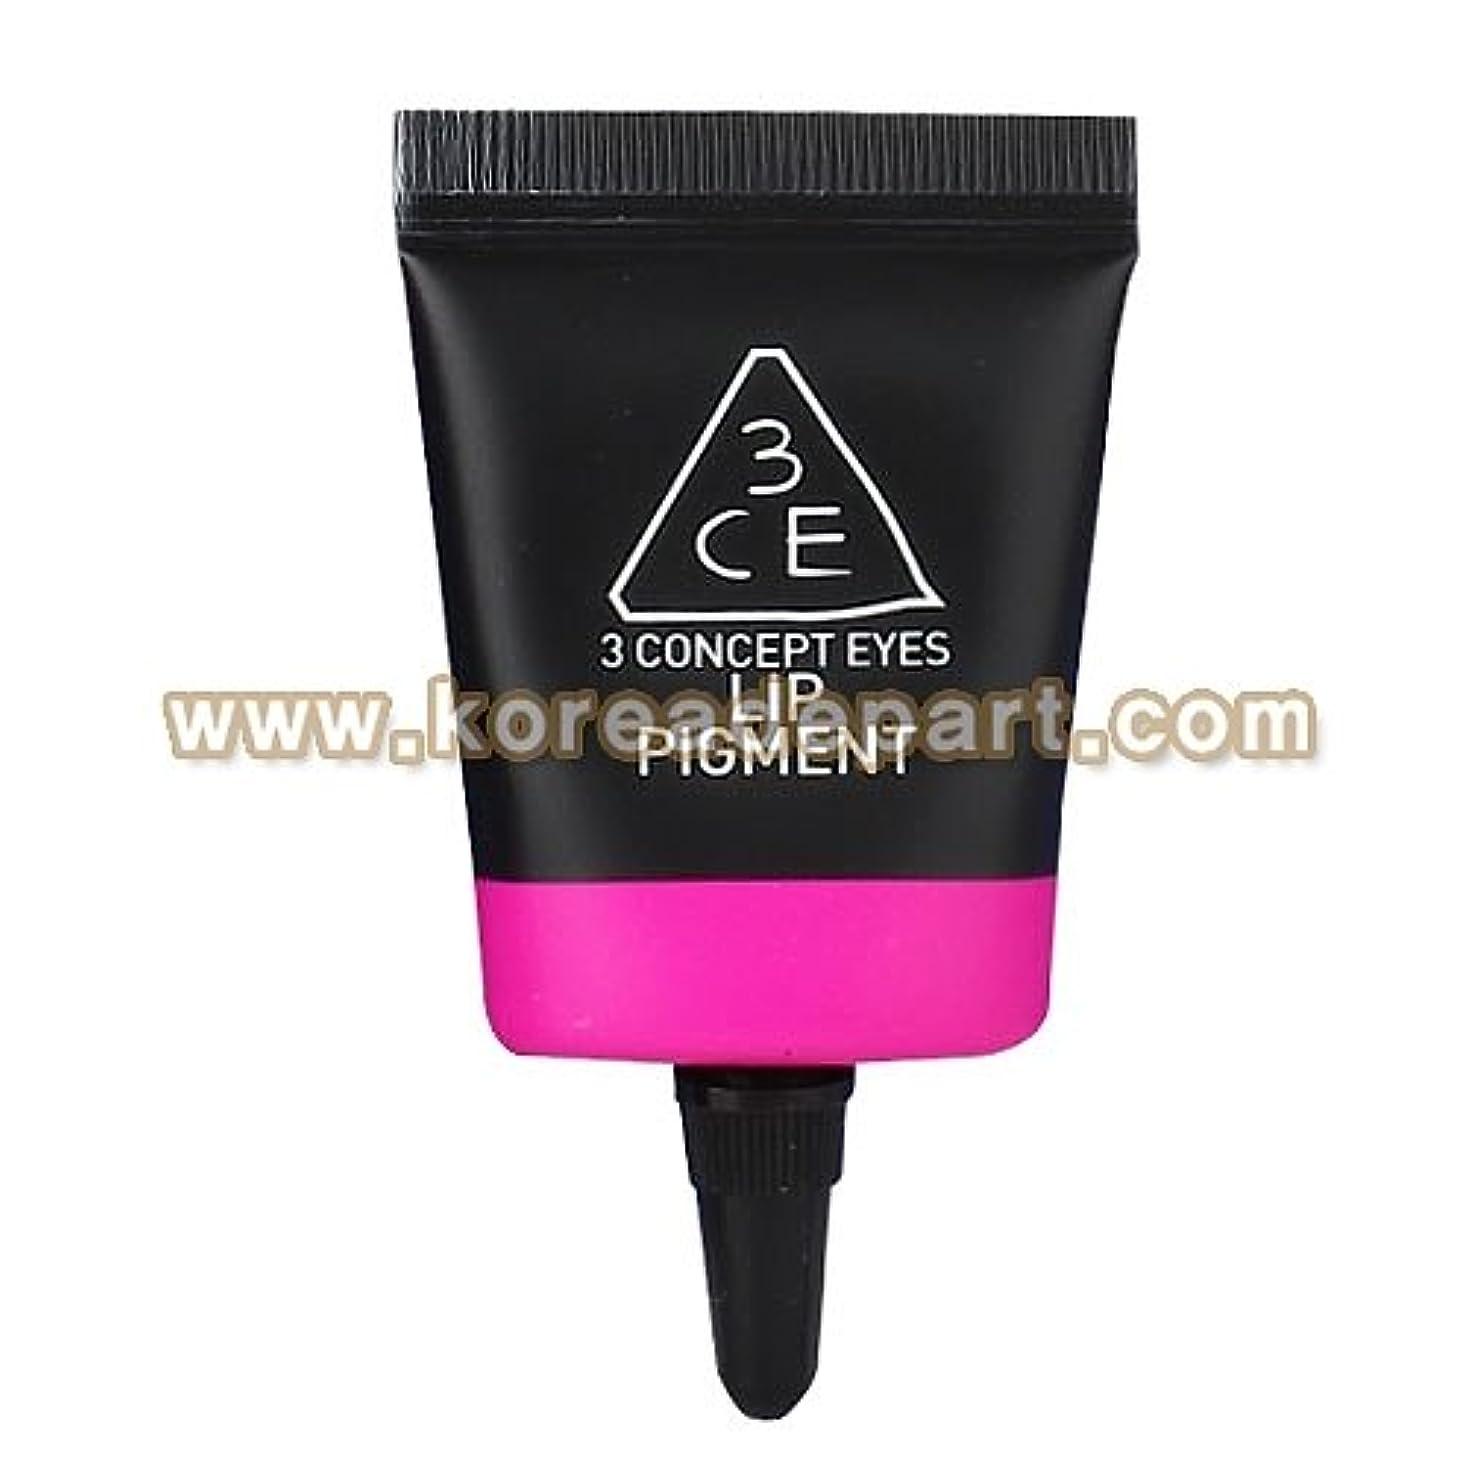 羨望変更可能トーナメント3CE リップ ピグメント (electro pink) [海外直送品][並行輸入品]